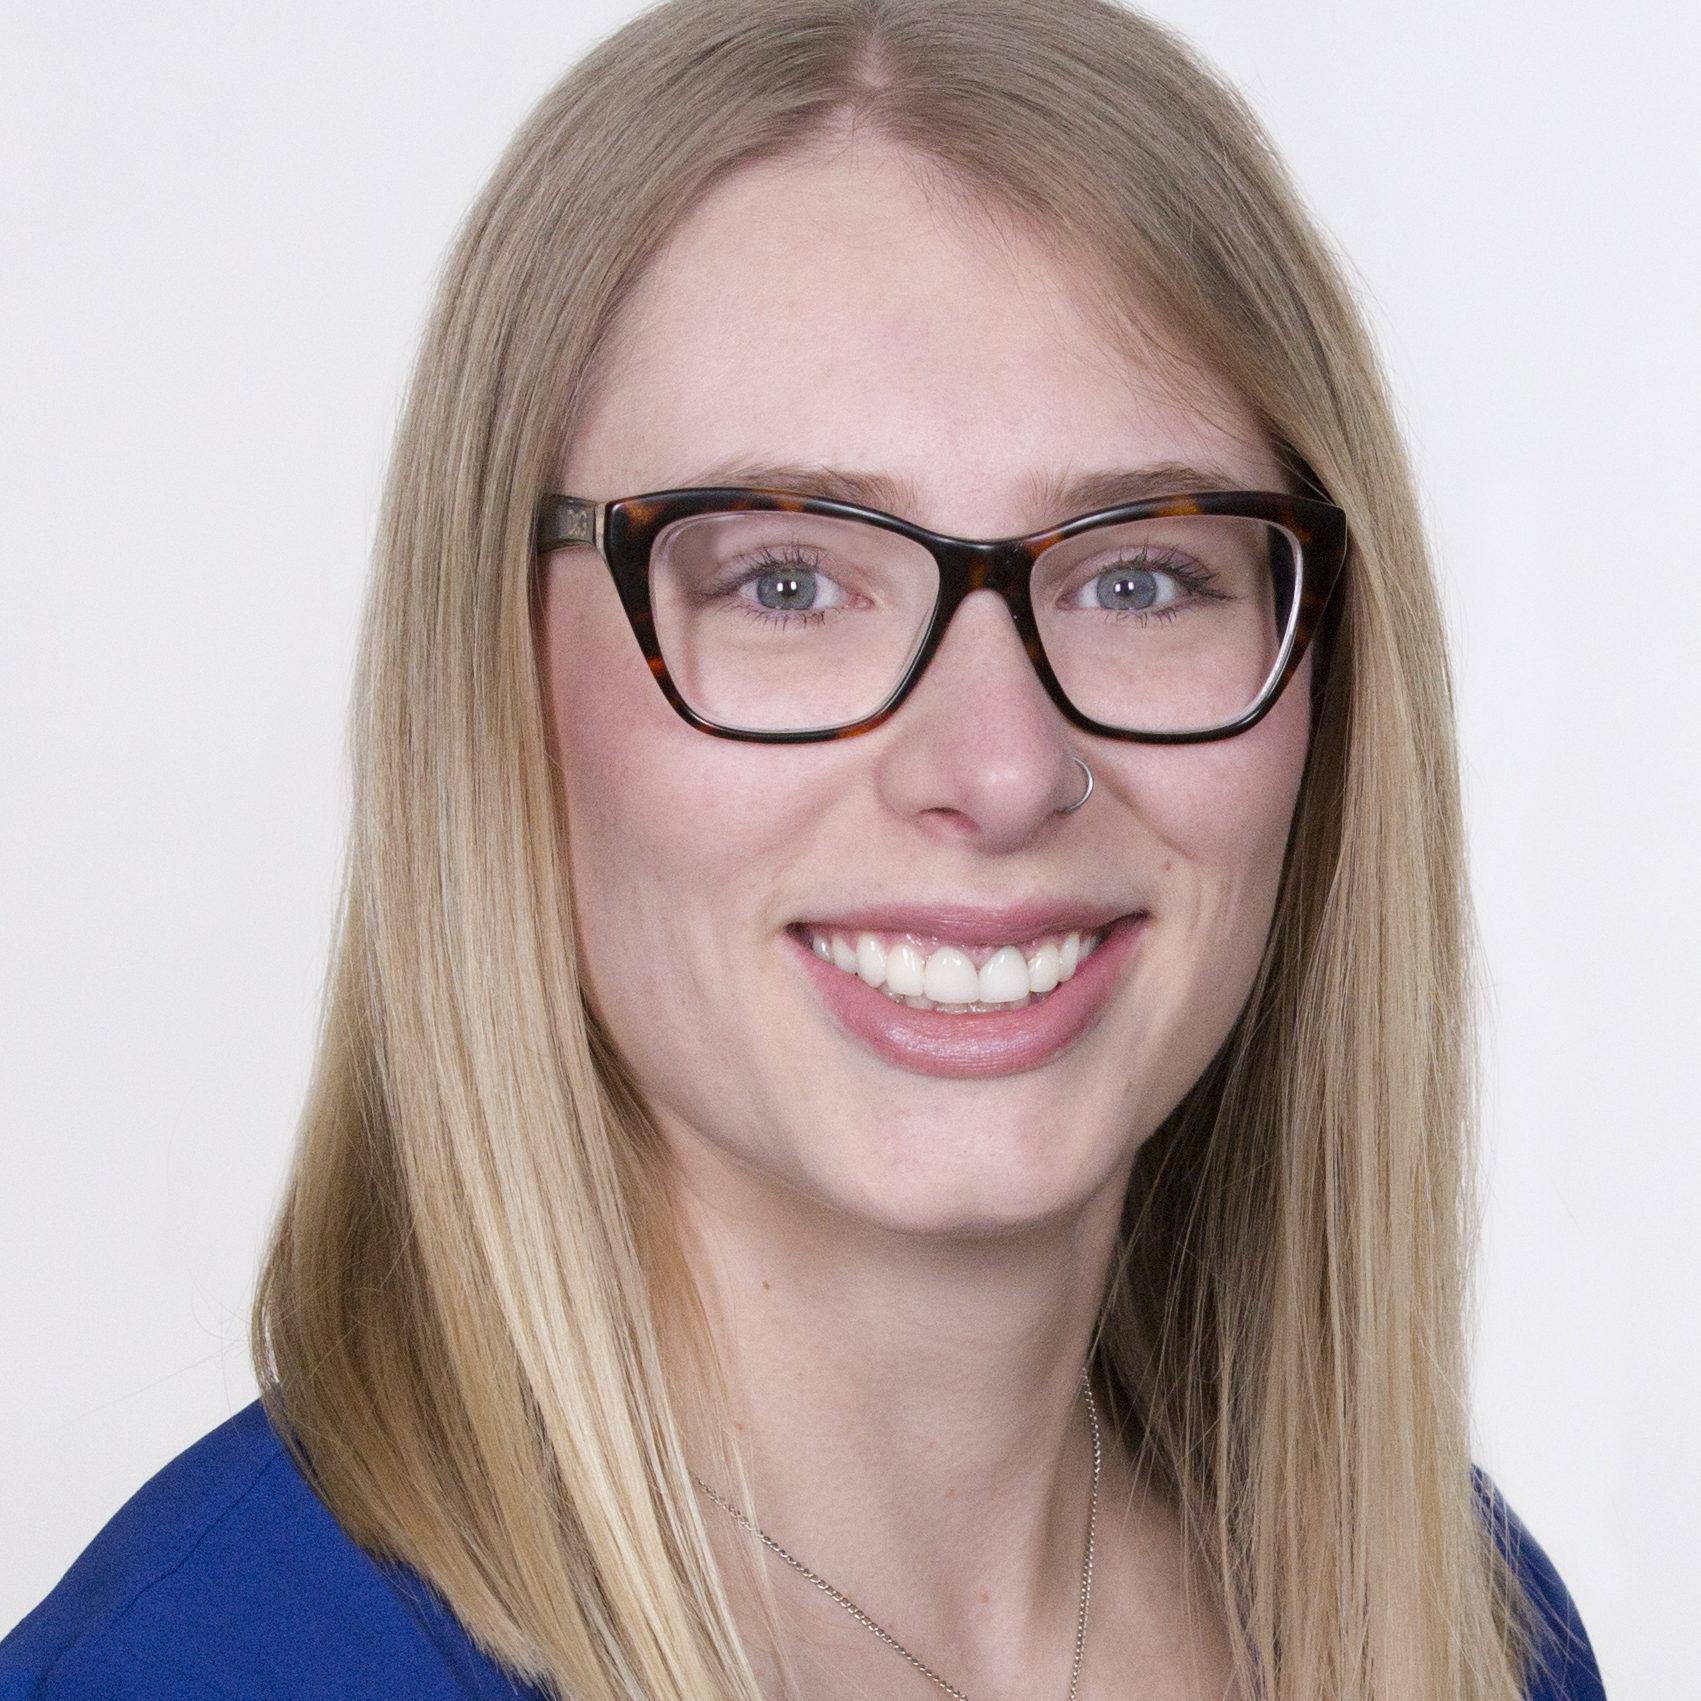 Michelle Theissen